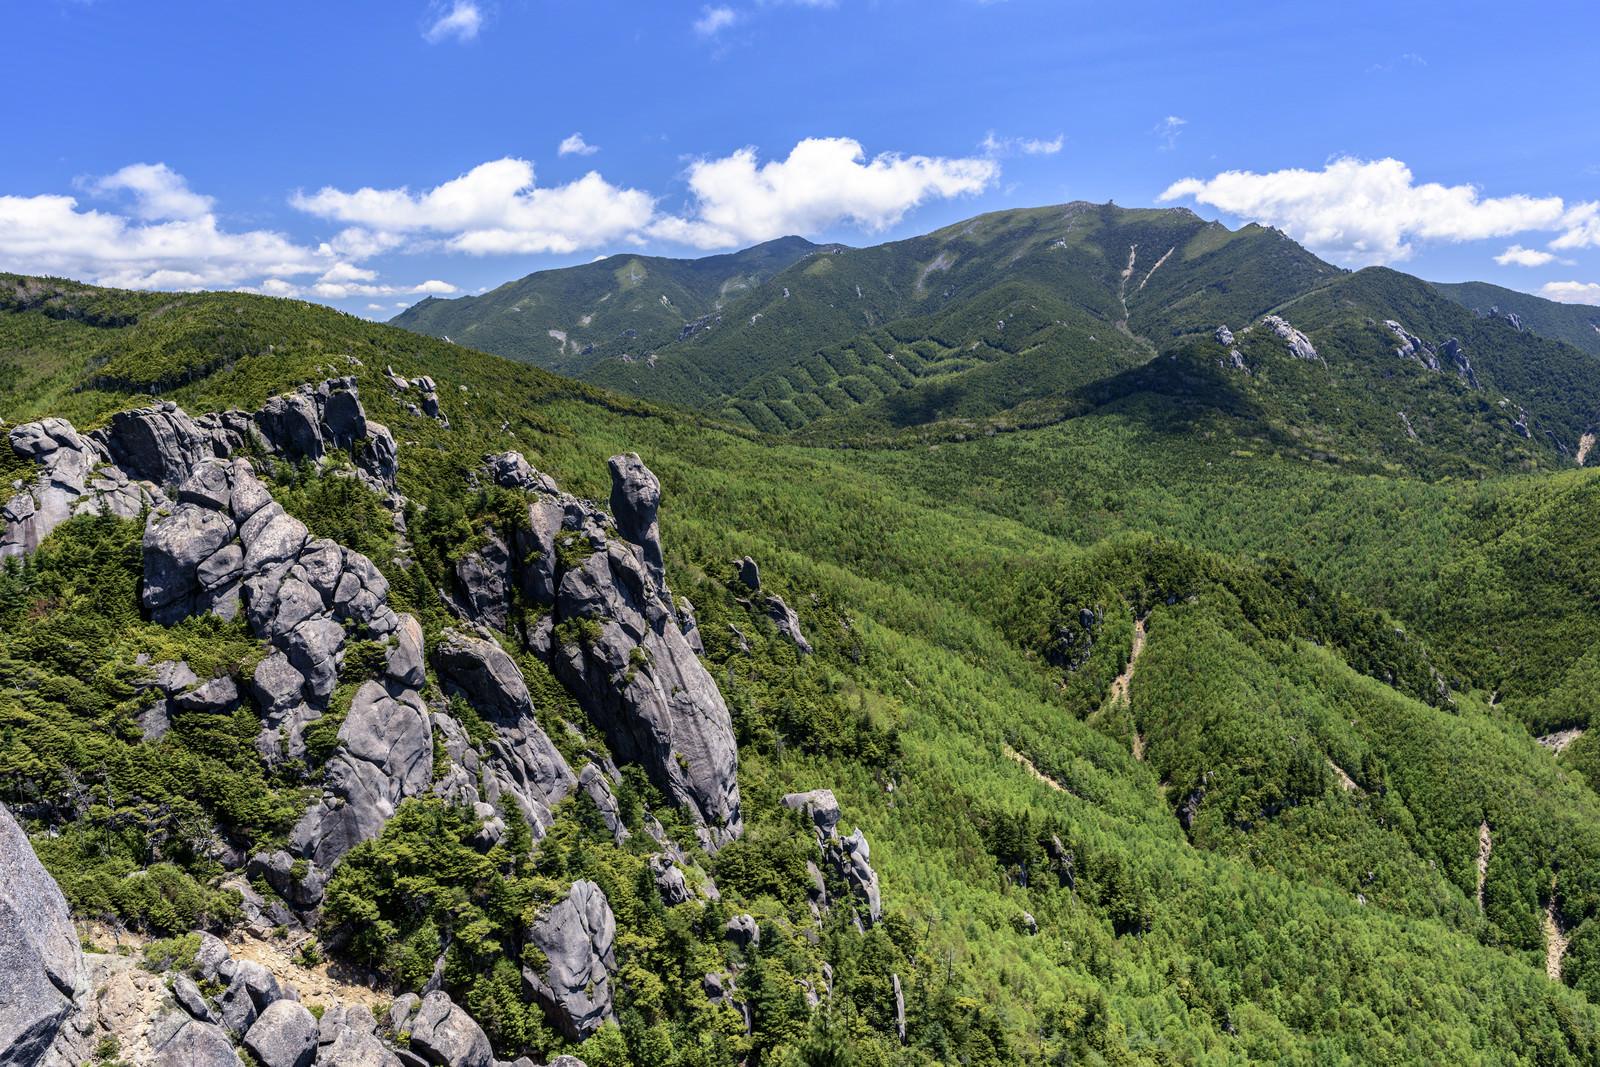 「瑞牆山の岩肌と金峰山」の写真